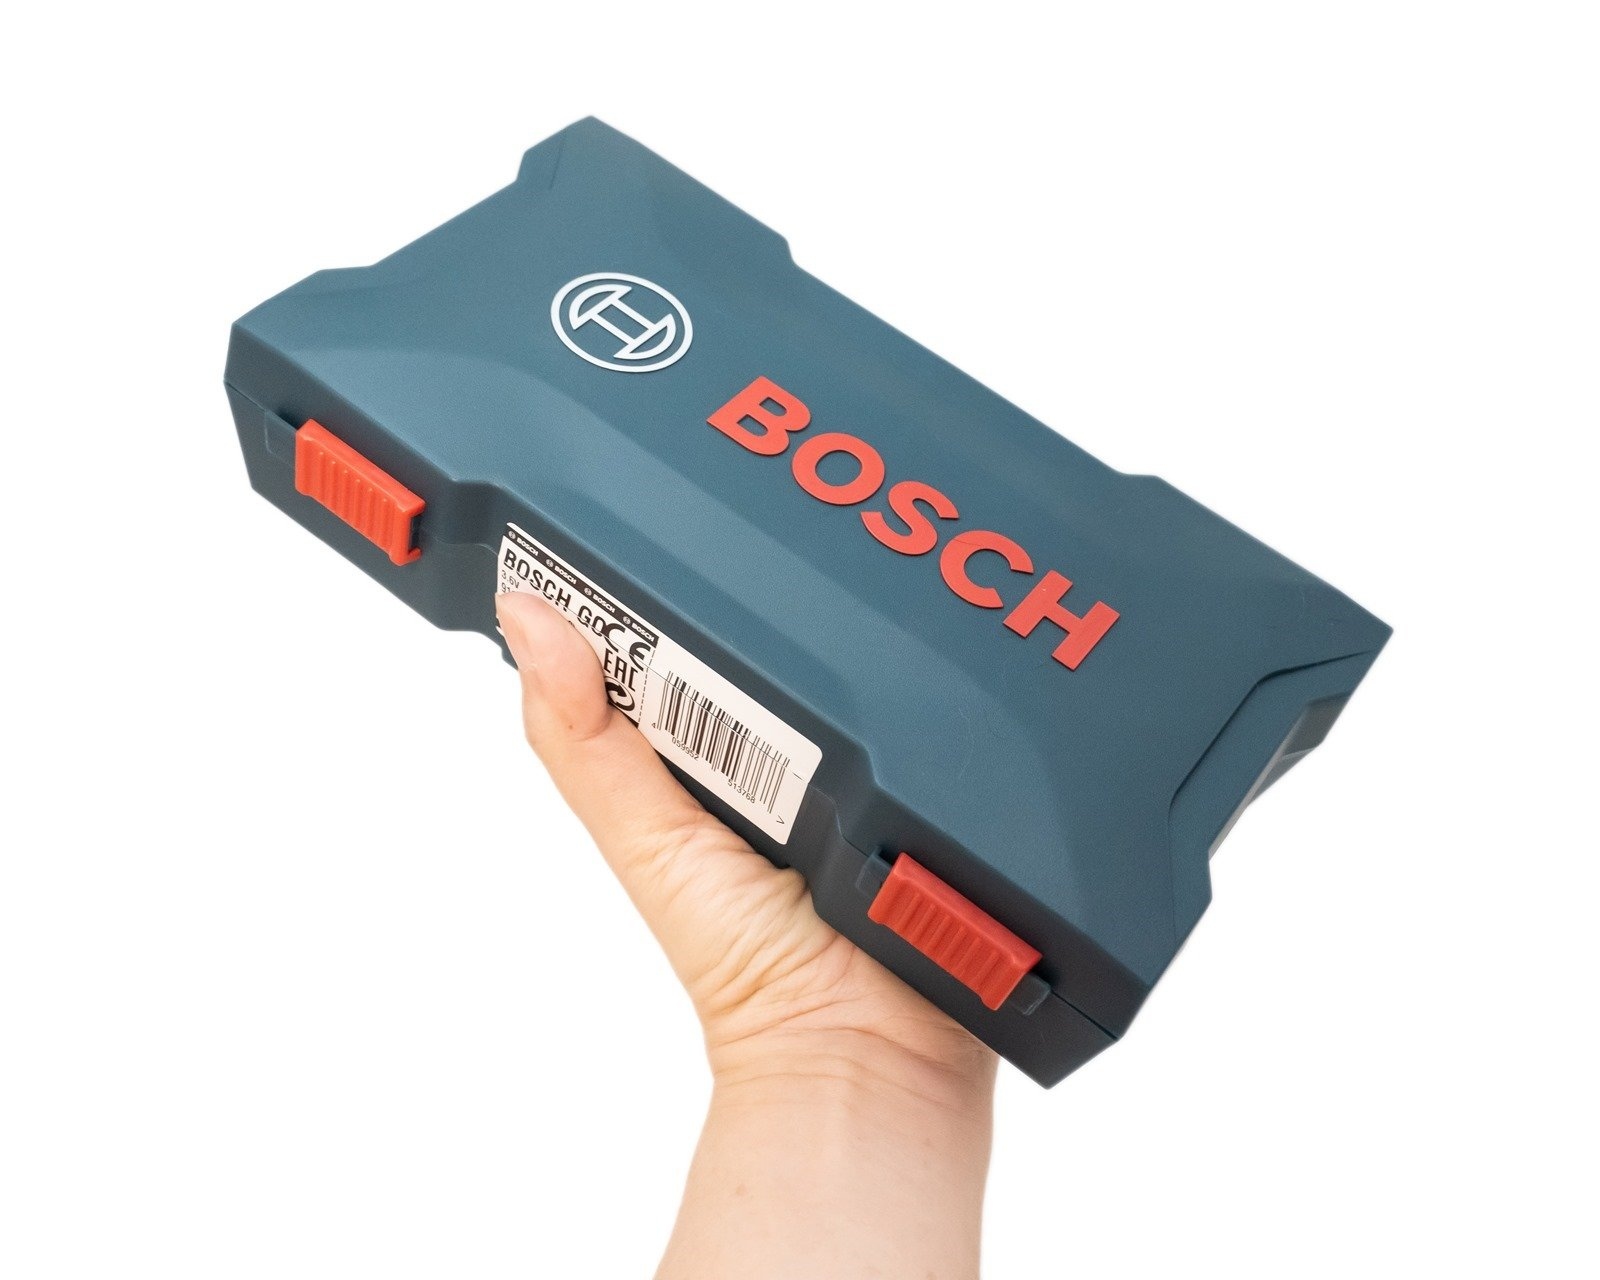 電動羅賴把!!BOSCH Go 2 鋰電起子機台灣入手開箱分享 @3C 達人廖阿輝